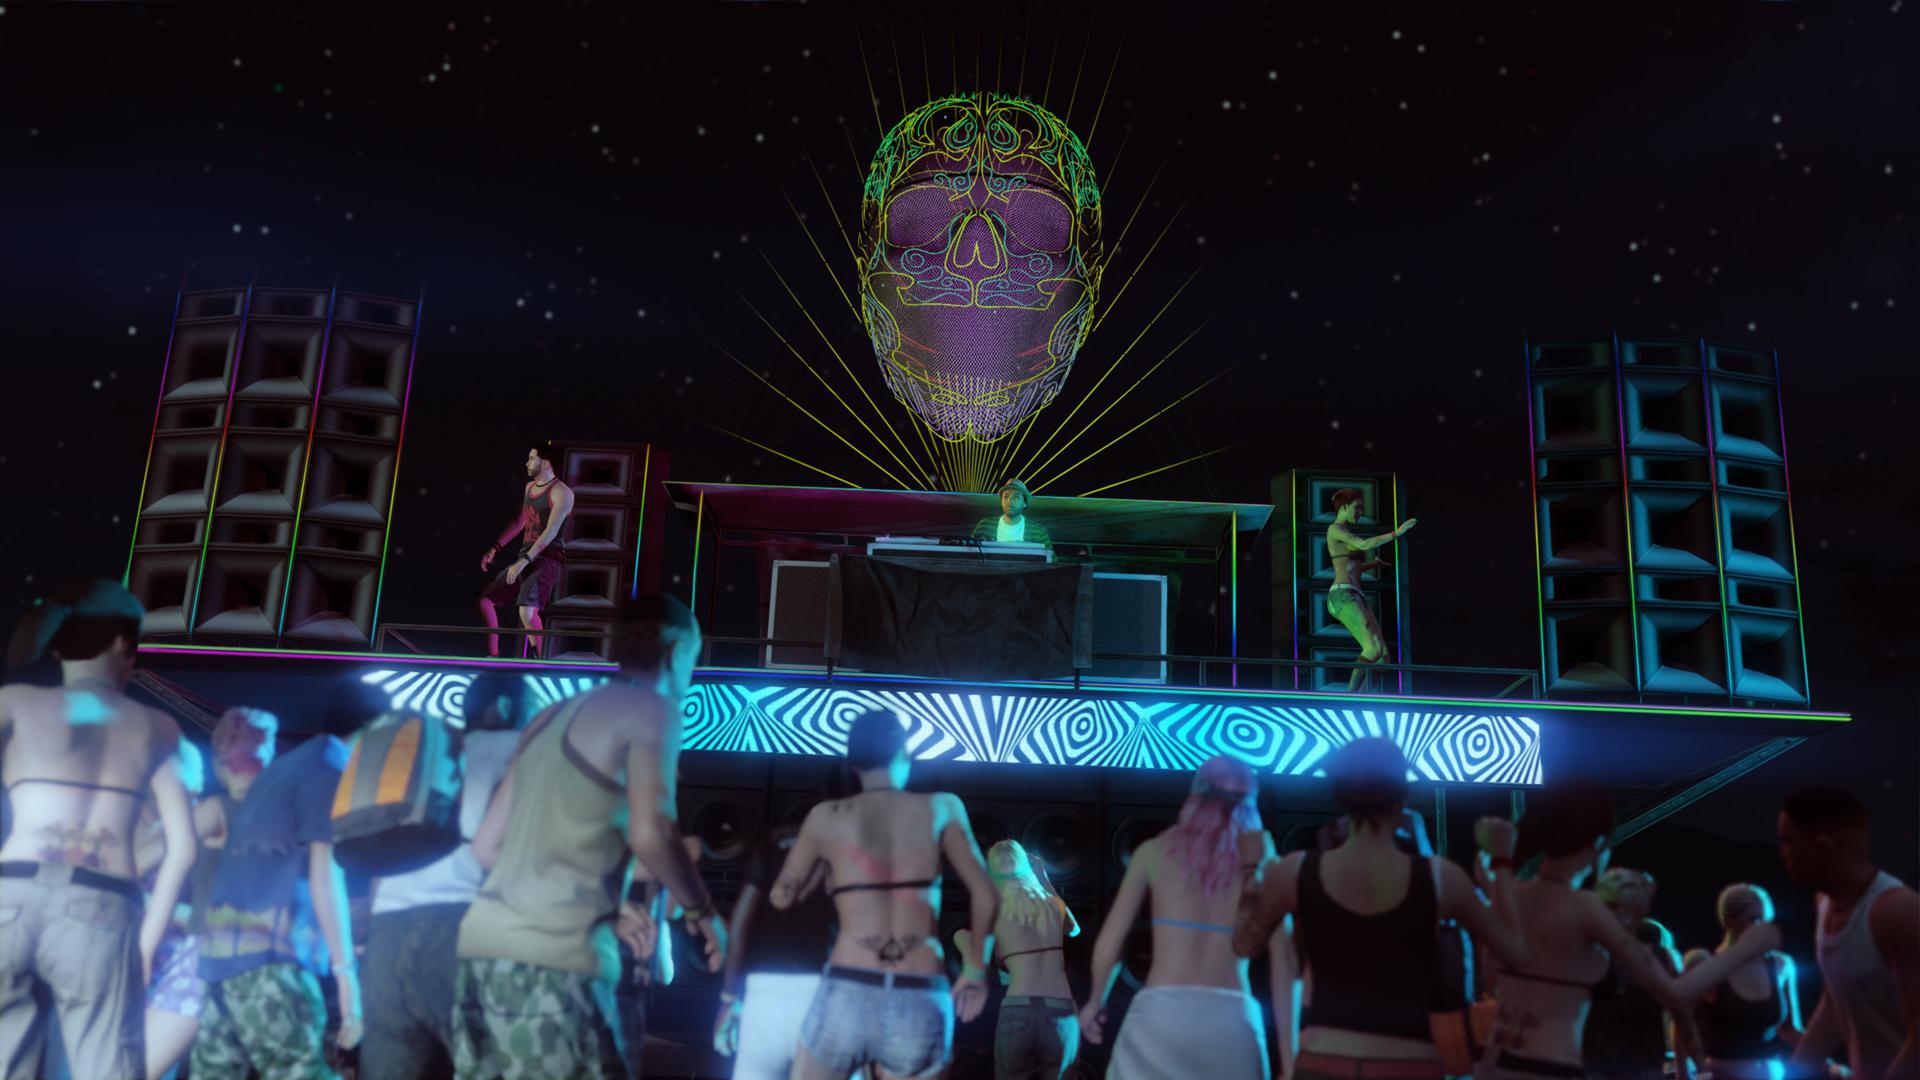 Nacht Clubs